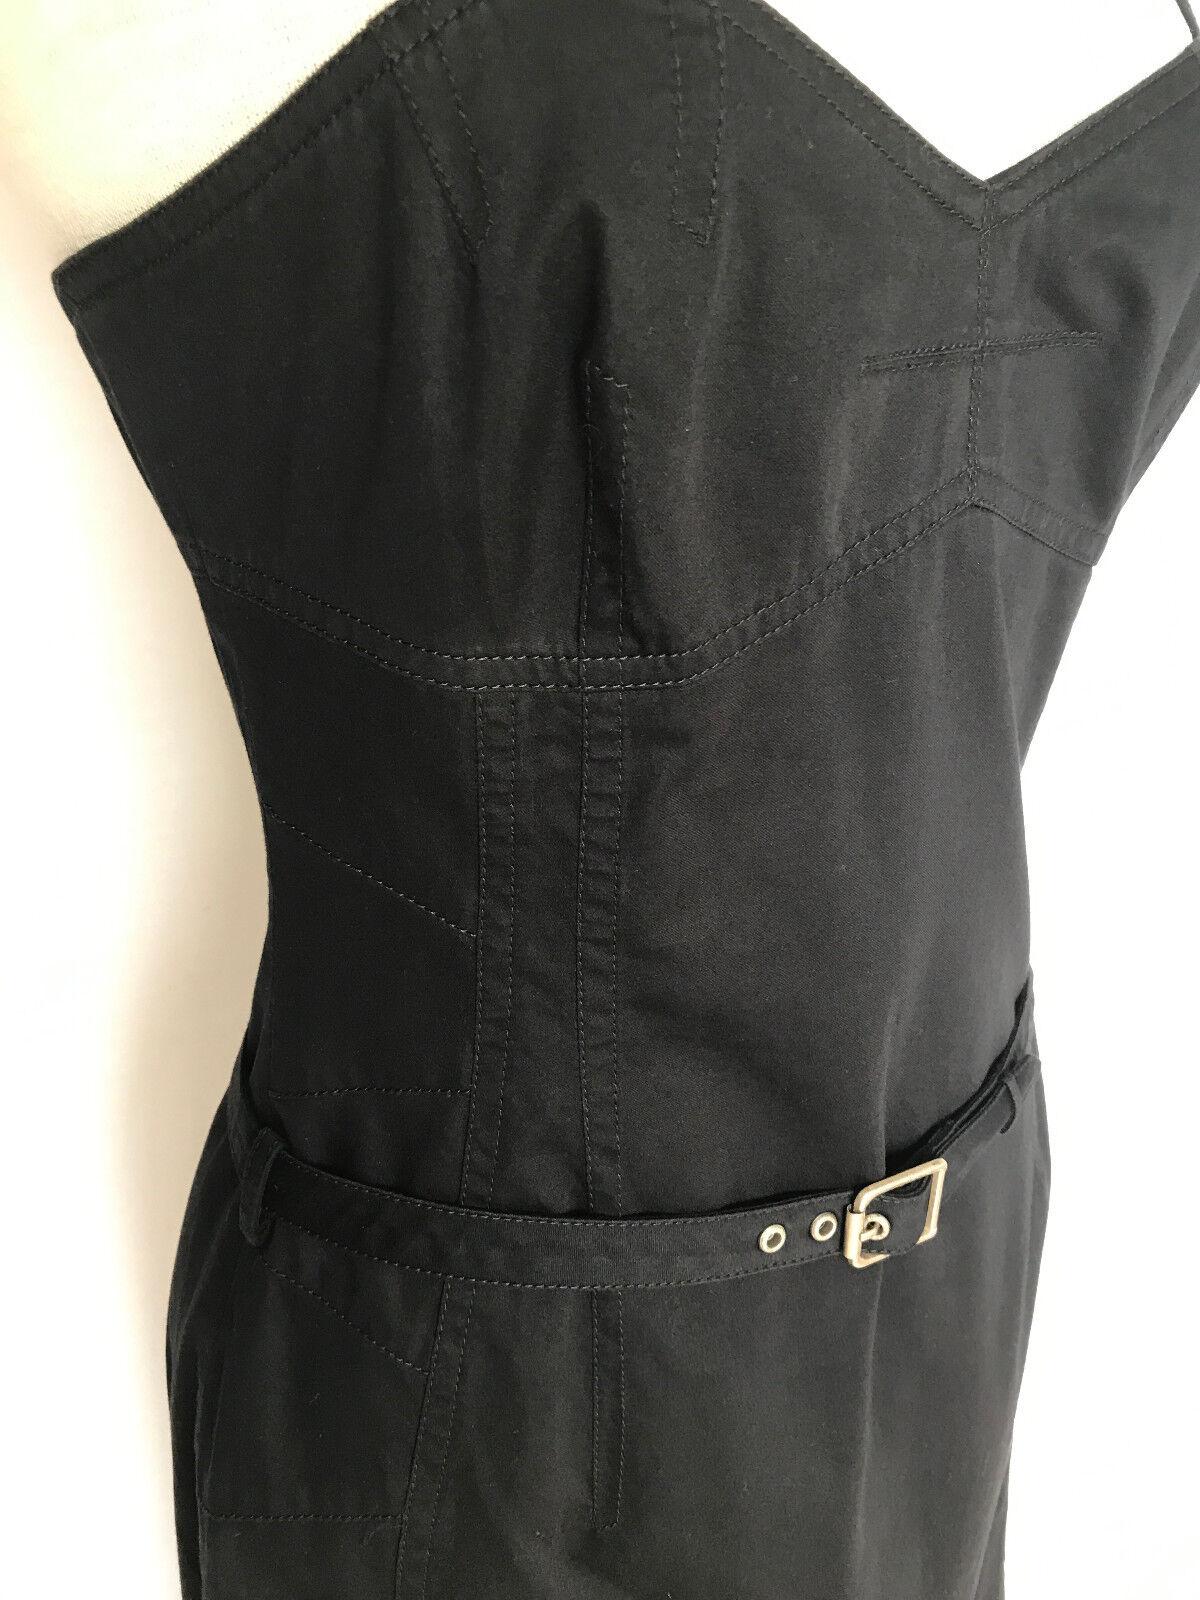 Hugo Boss Trägerkleid, Gr. 36 36 36 | Zuverlässiger Ruf  | New Style  | Ausgang  ab4e9a